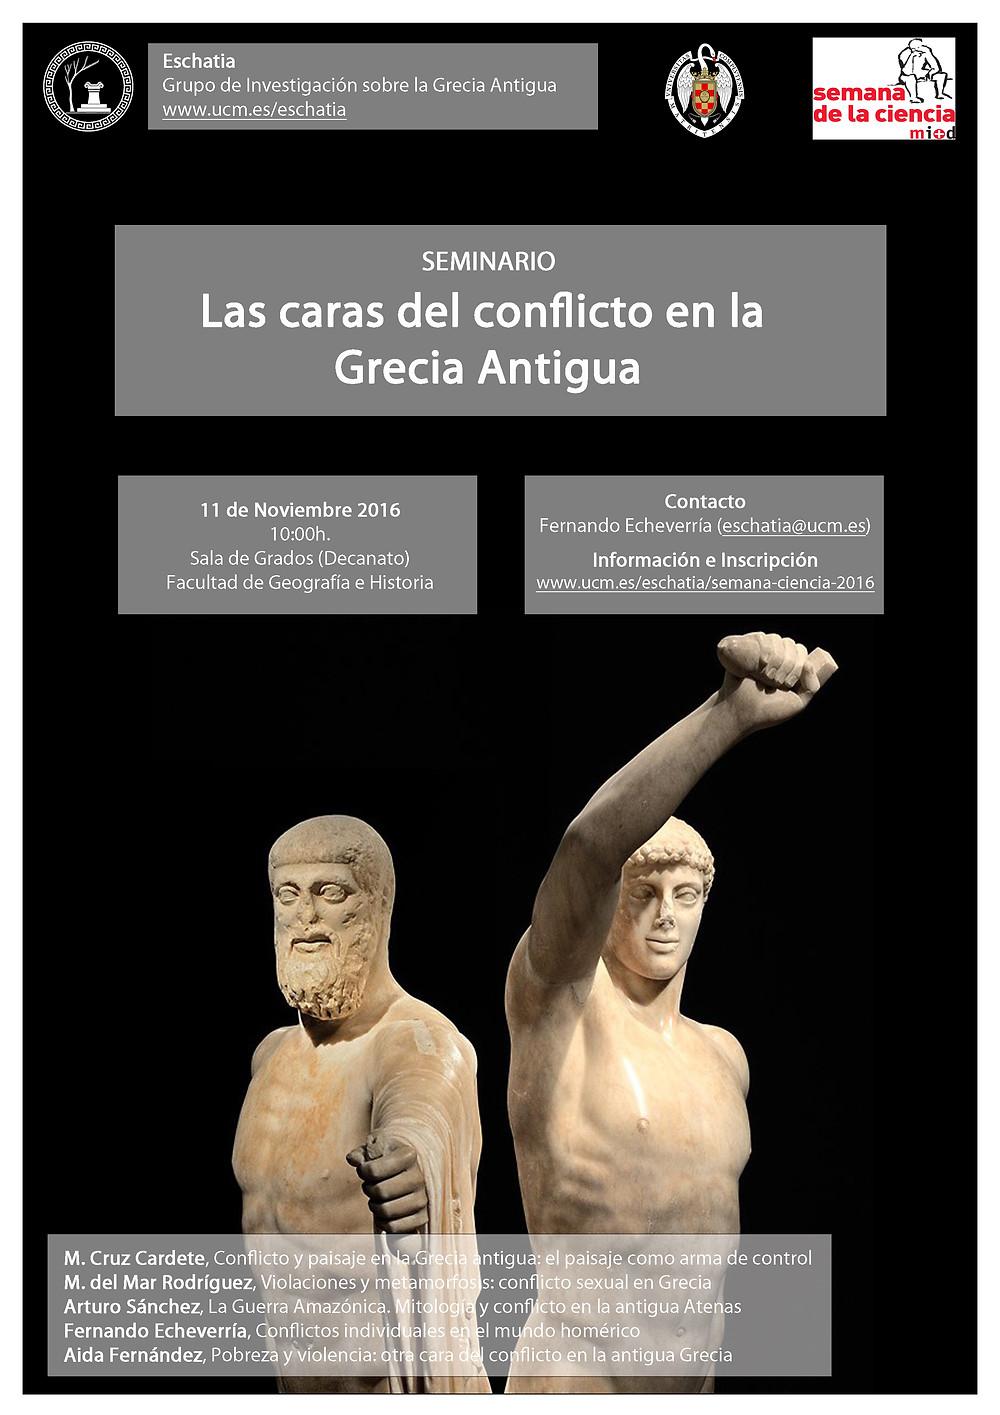 Las caras del conflicto en la Grecia Antigua - 11/11/2016, Madrid (Spain)